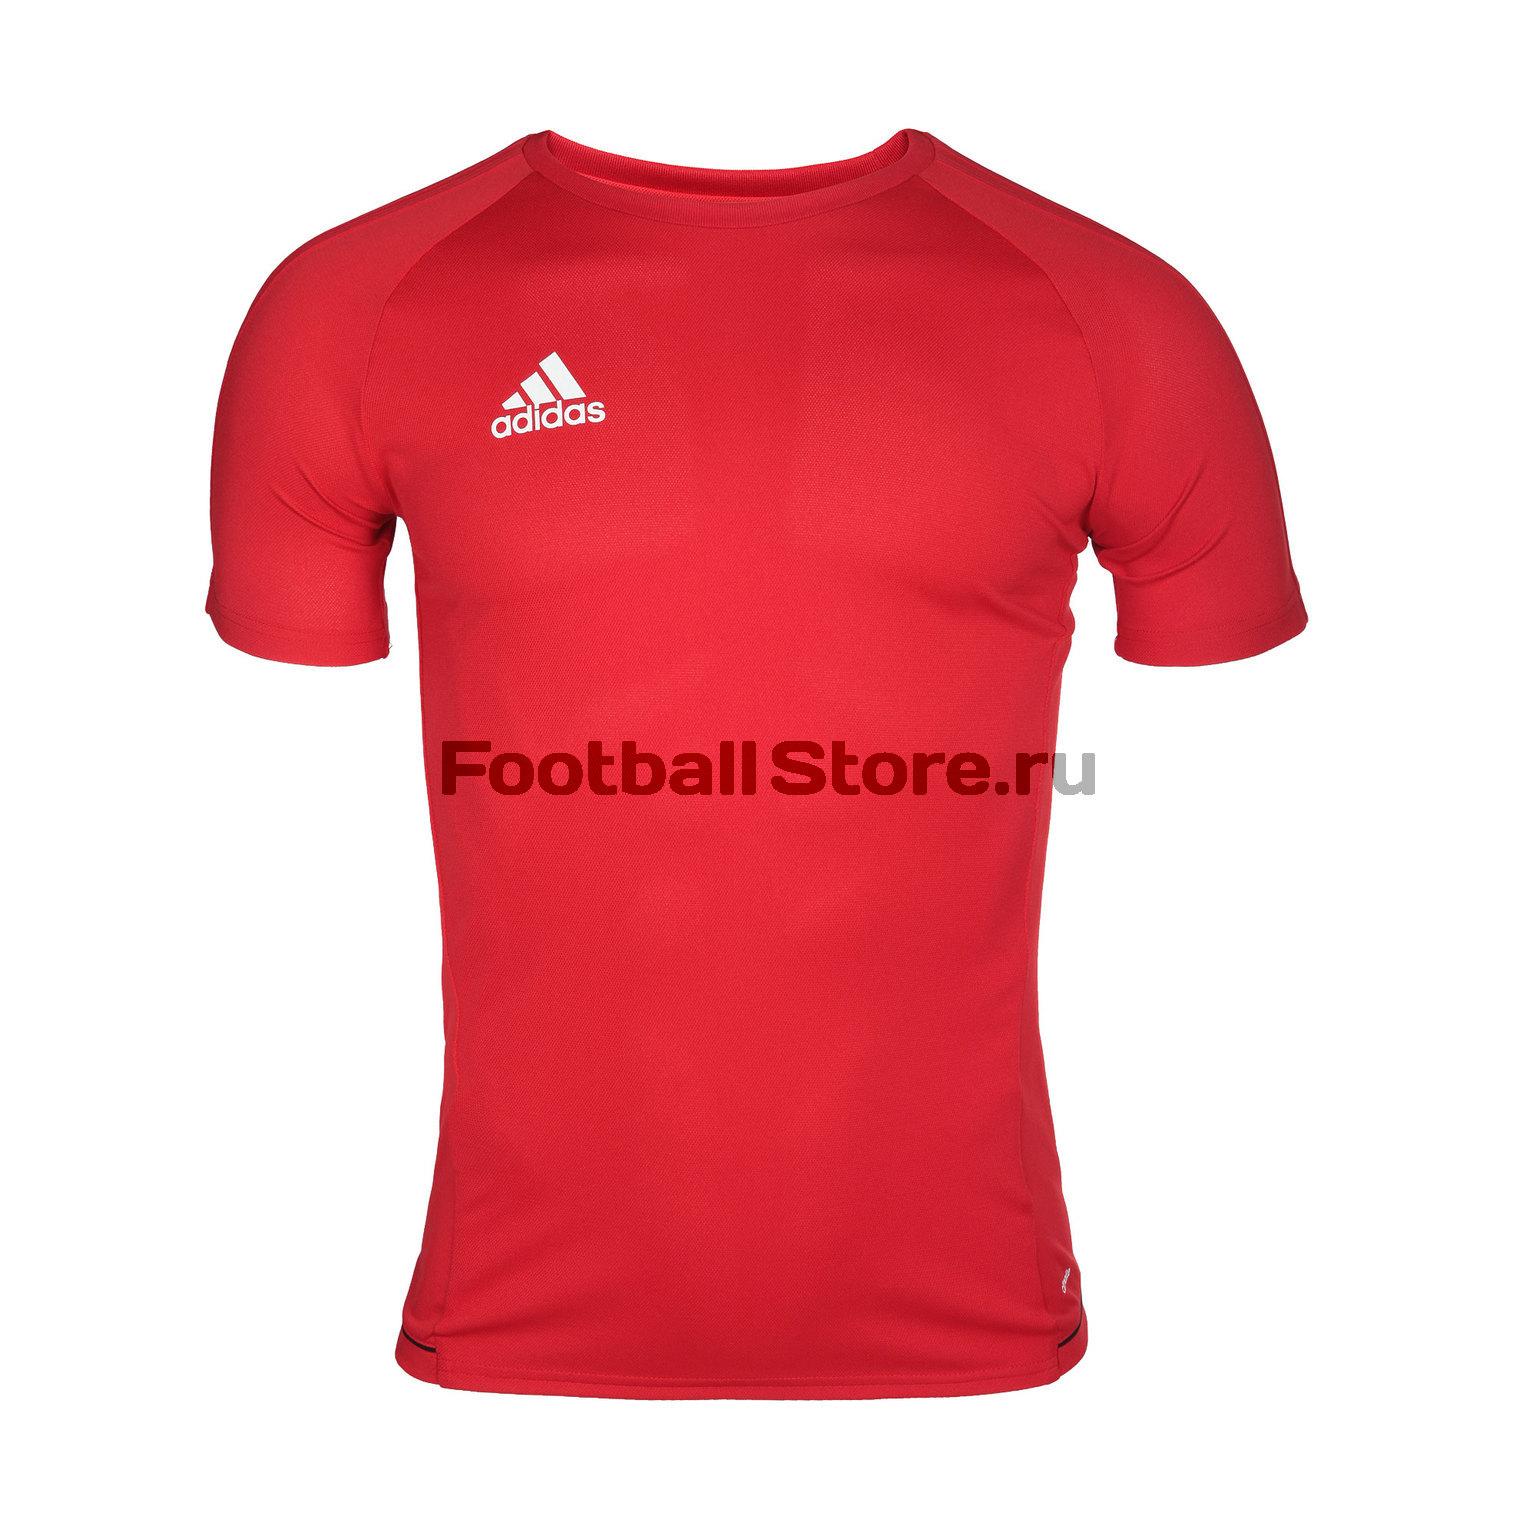 Футболка тренировочная Adidas Tiro17 CL JSY BQ2704 футболка тренировочная adidas tiro17 tee ay2964